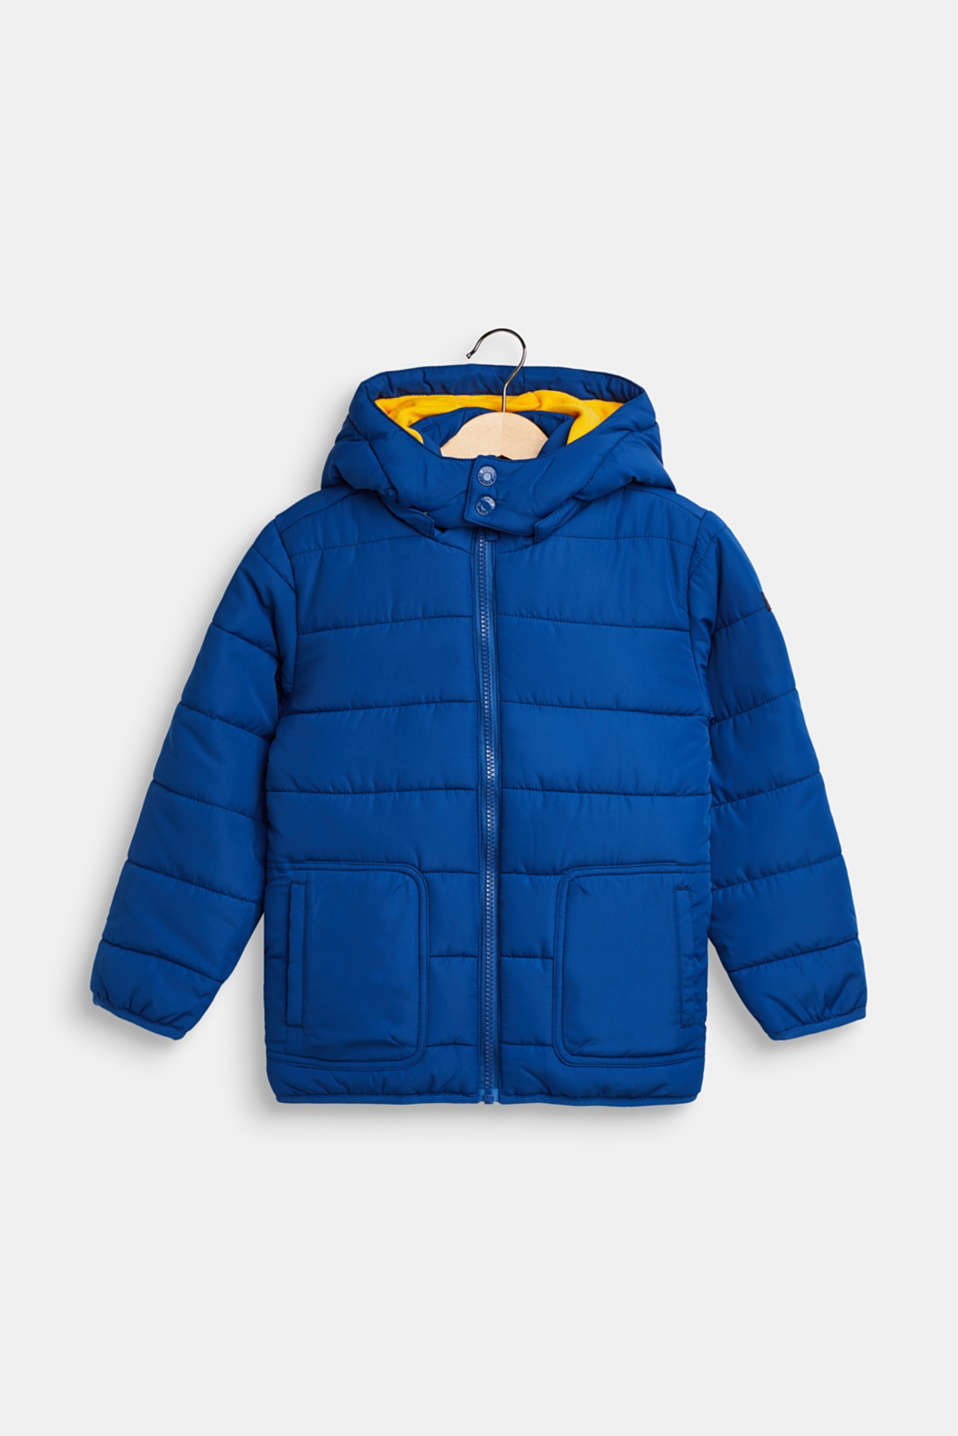 Esprit Jacken Größe 176 online kaufen | ZALANDO